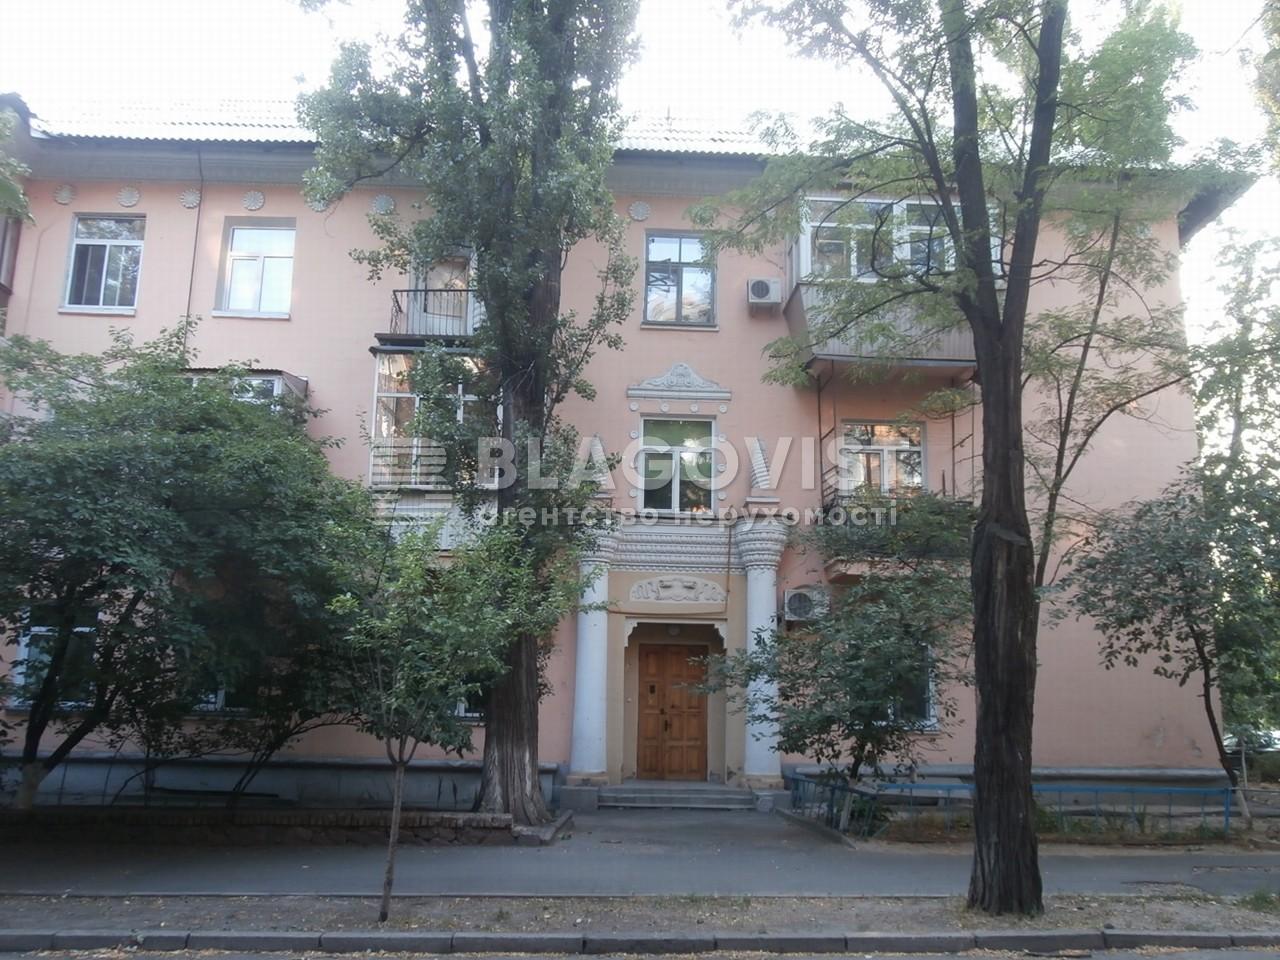 Нежилое помещение, H-47588, Белокур Екатерины, Киев - Фото 1